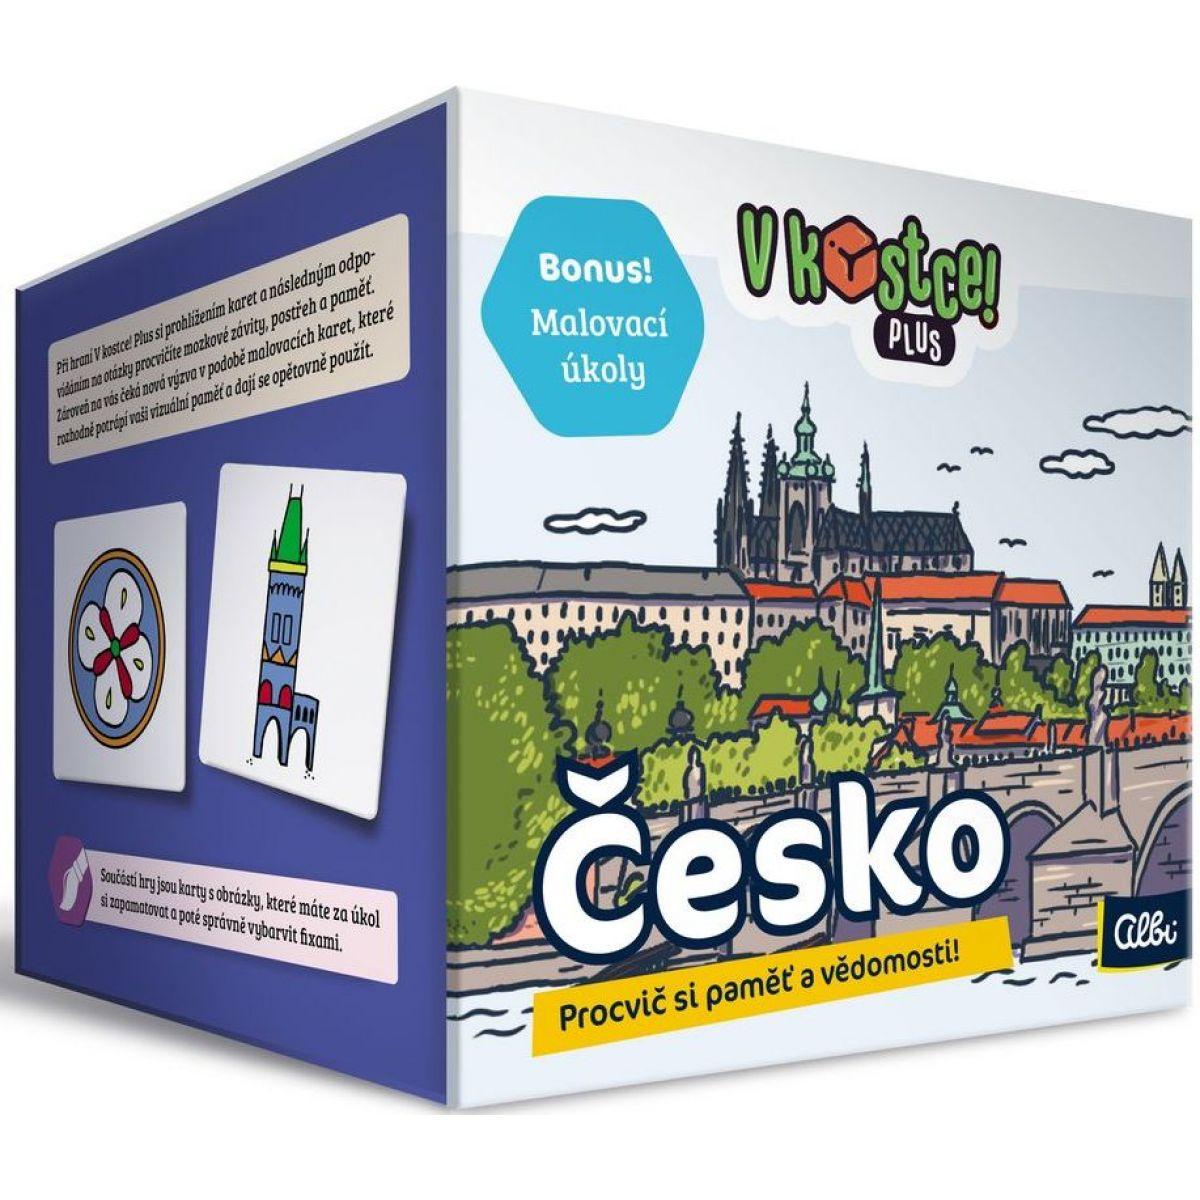 Albi V kocke! Plus Česko